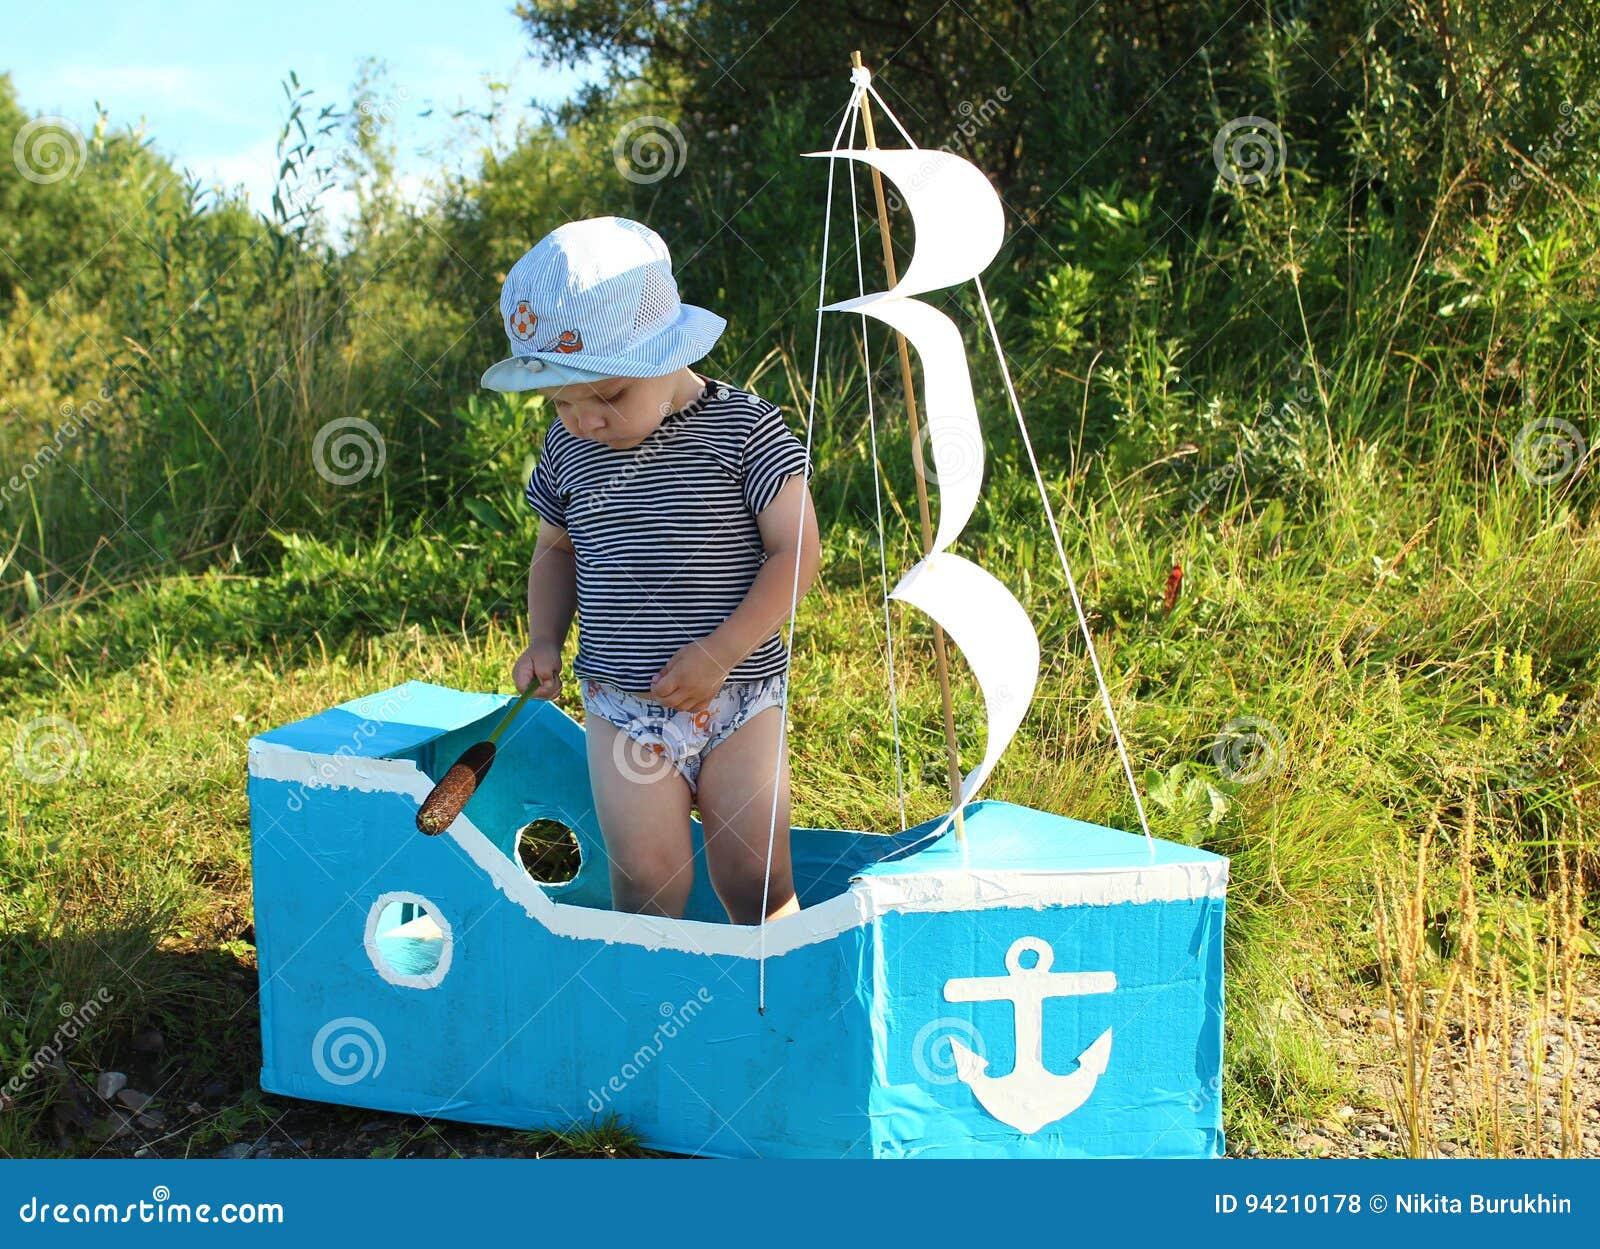 Der Junge steht in einem behelfsmäßigen Schiff